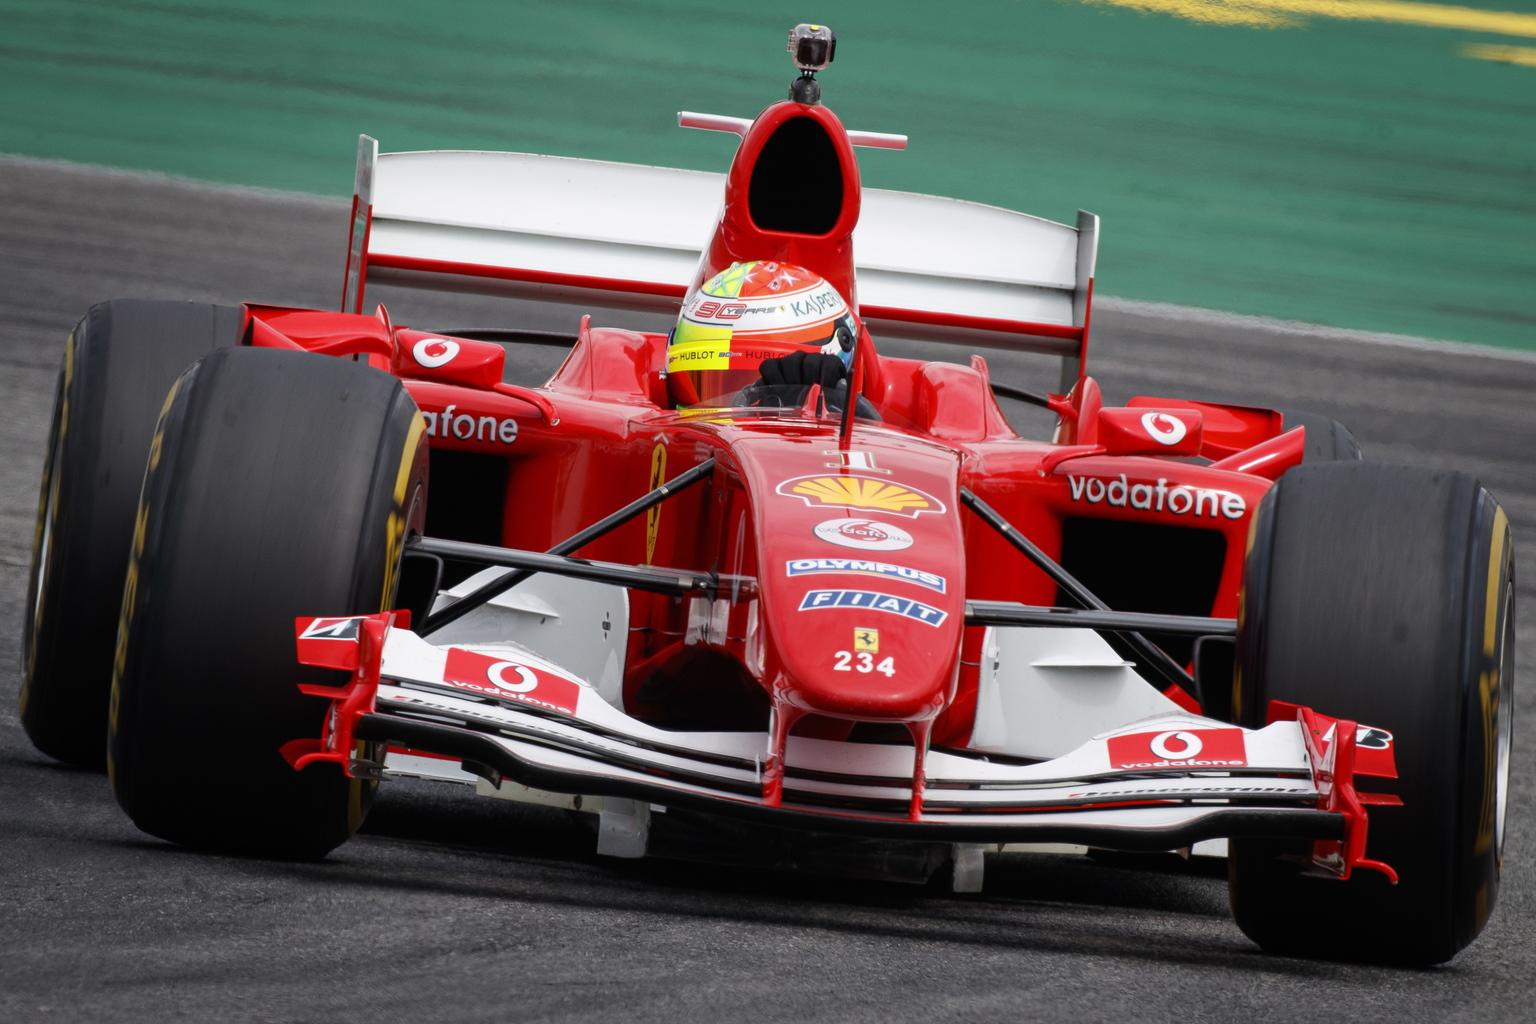 Apja Ferrarijával bemutatózik a Ferrari-ünnepen Mick Schumacher | M4 Sport